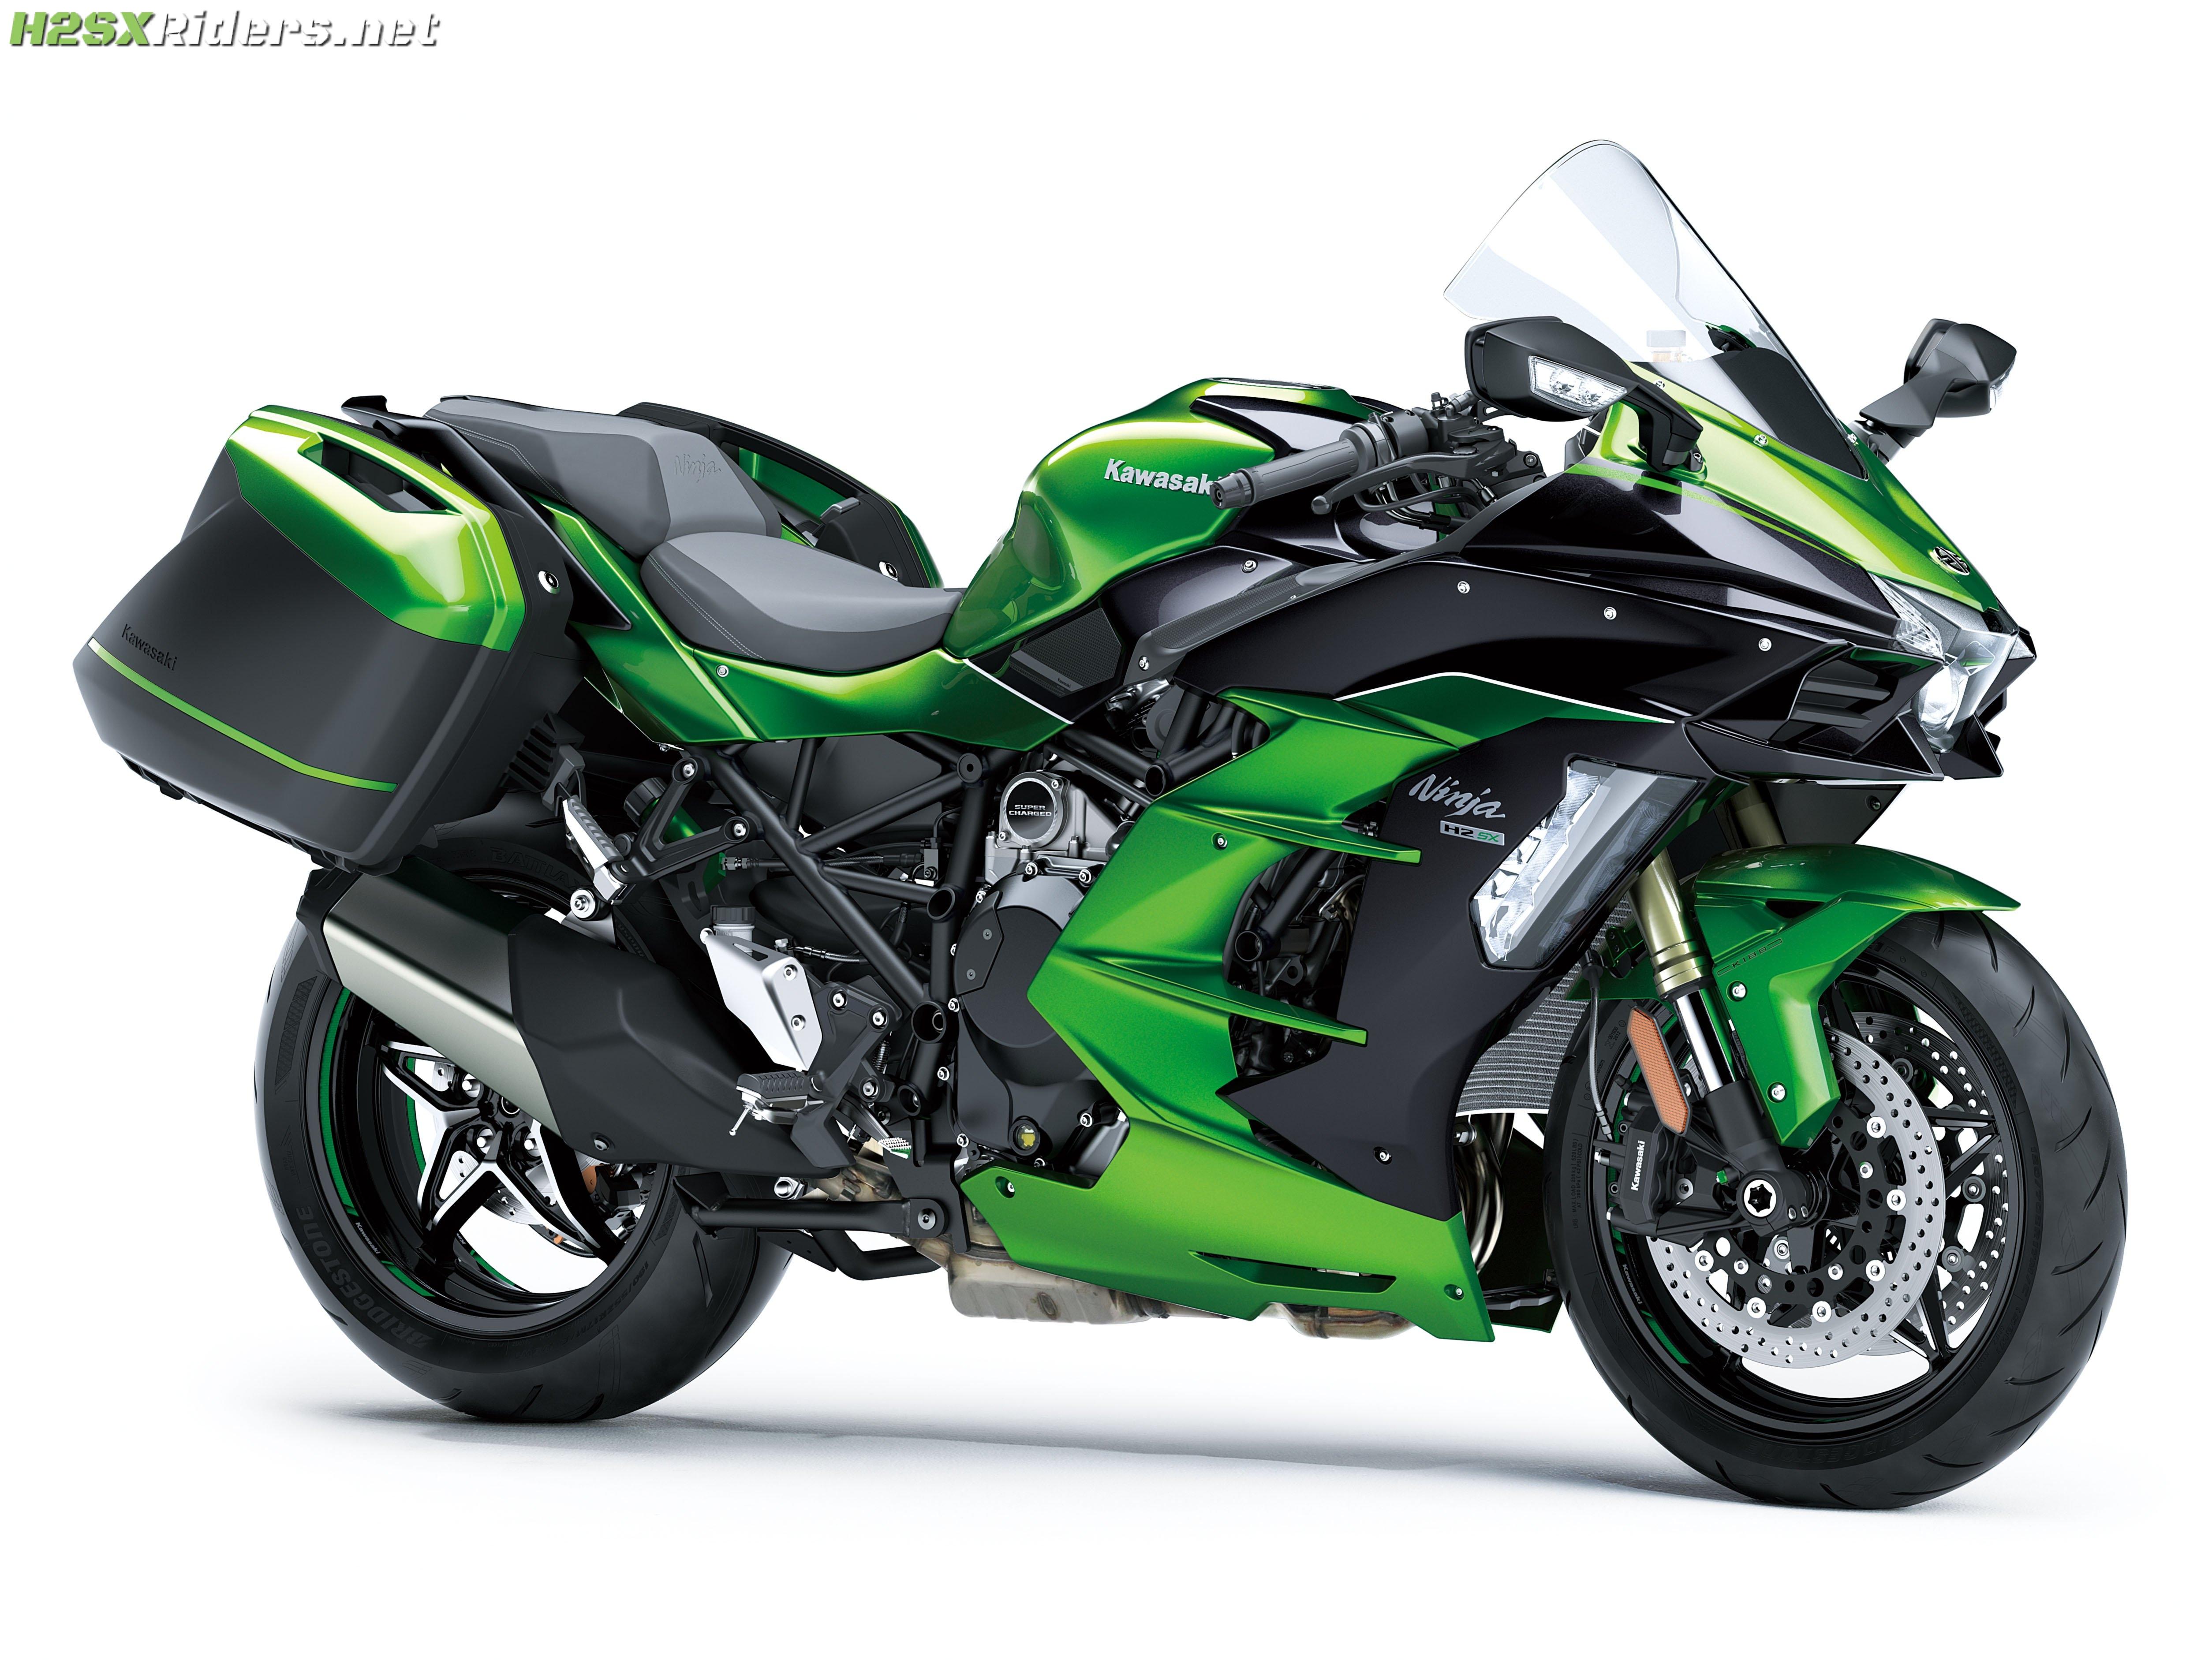 https://h2sxriders.net/wp-content/uploads/2017/12/2018-Kawasaki-Ninja-H2-SX-07.jpg